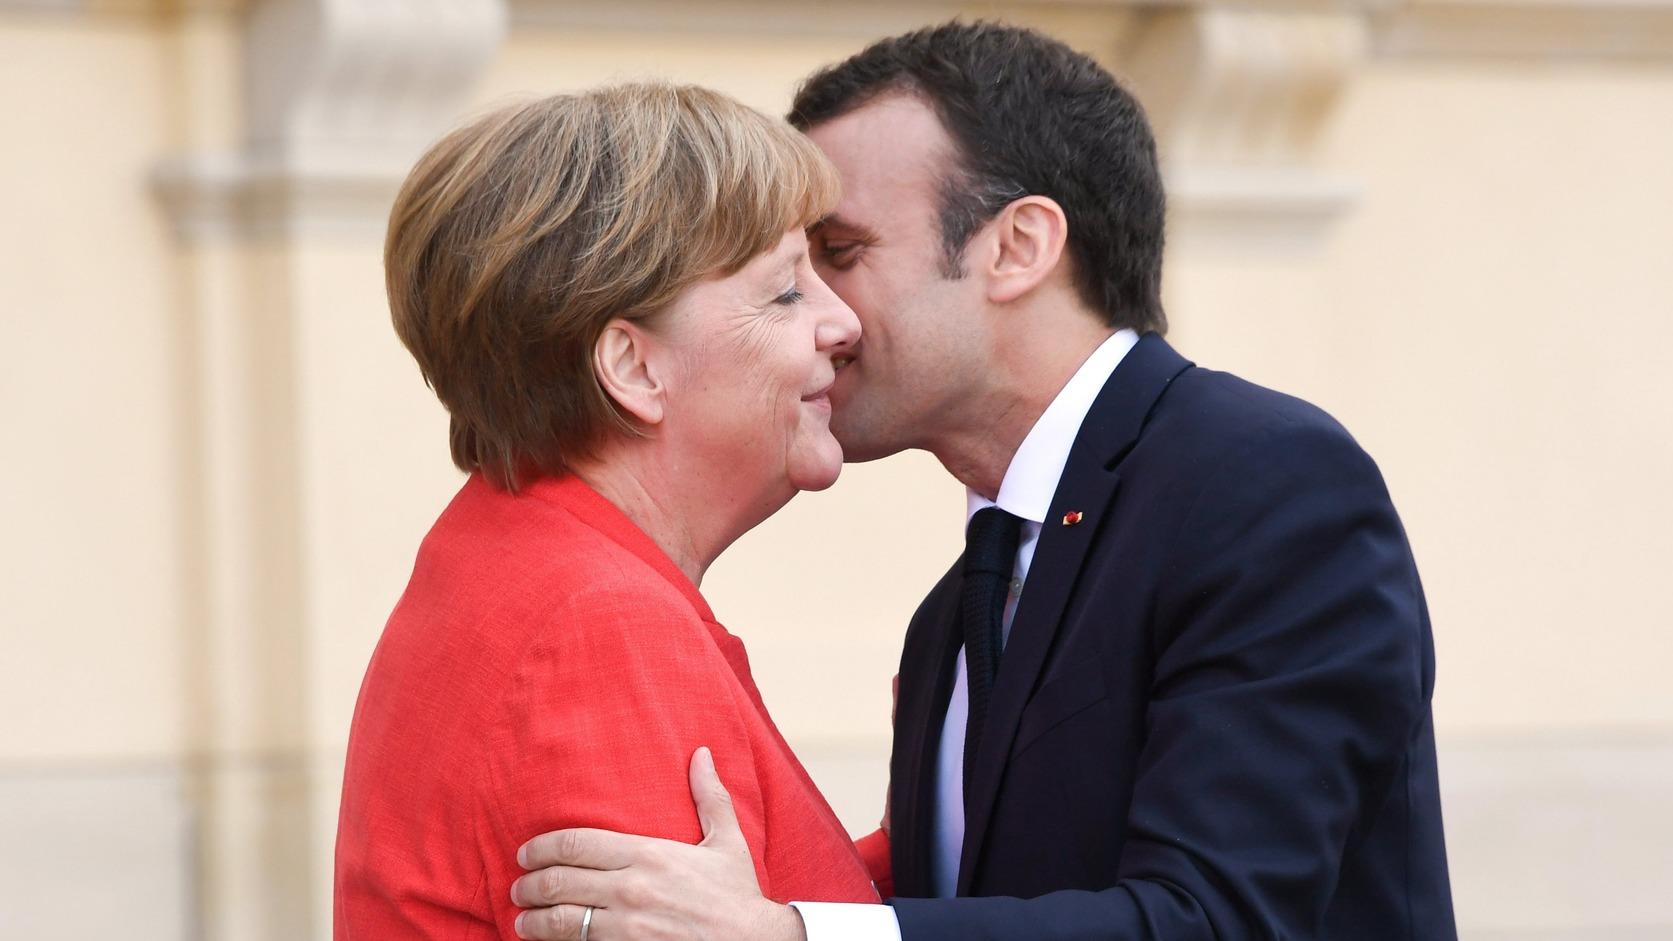 Angela Merkel német kancellár fogadja Emmanuel Macron francia elnököt a berlini Királyi palota építkezésén (Fotó: MTI/EPA/Clemens Bilan)